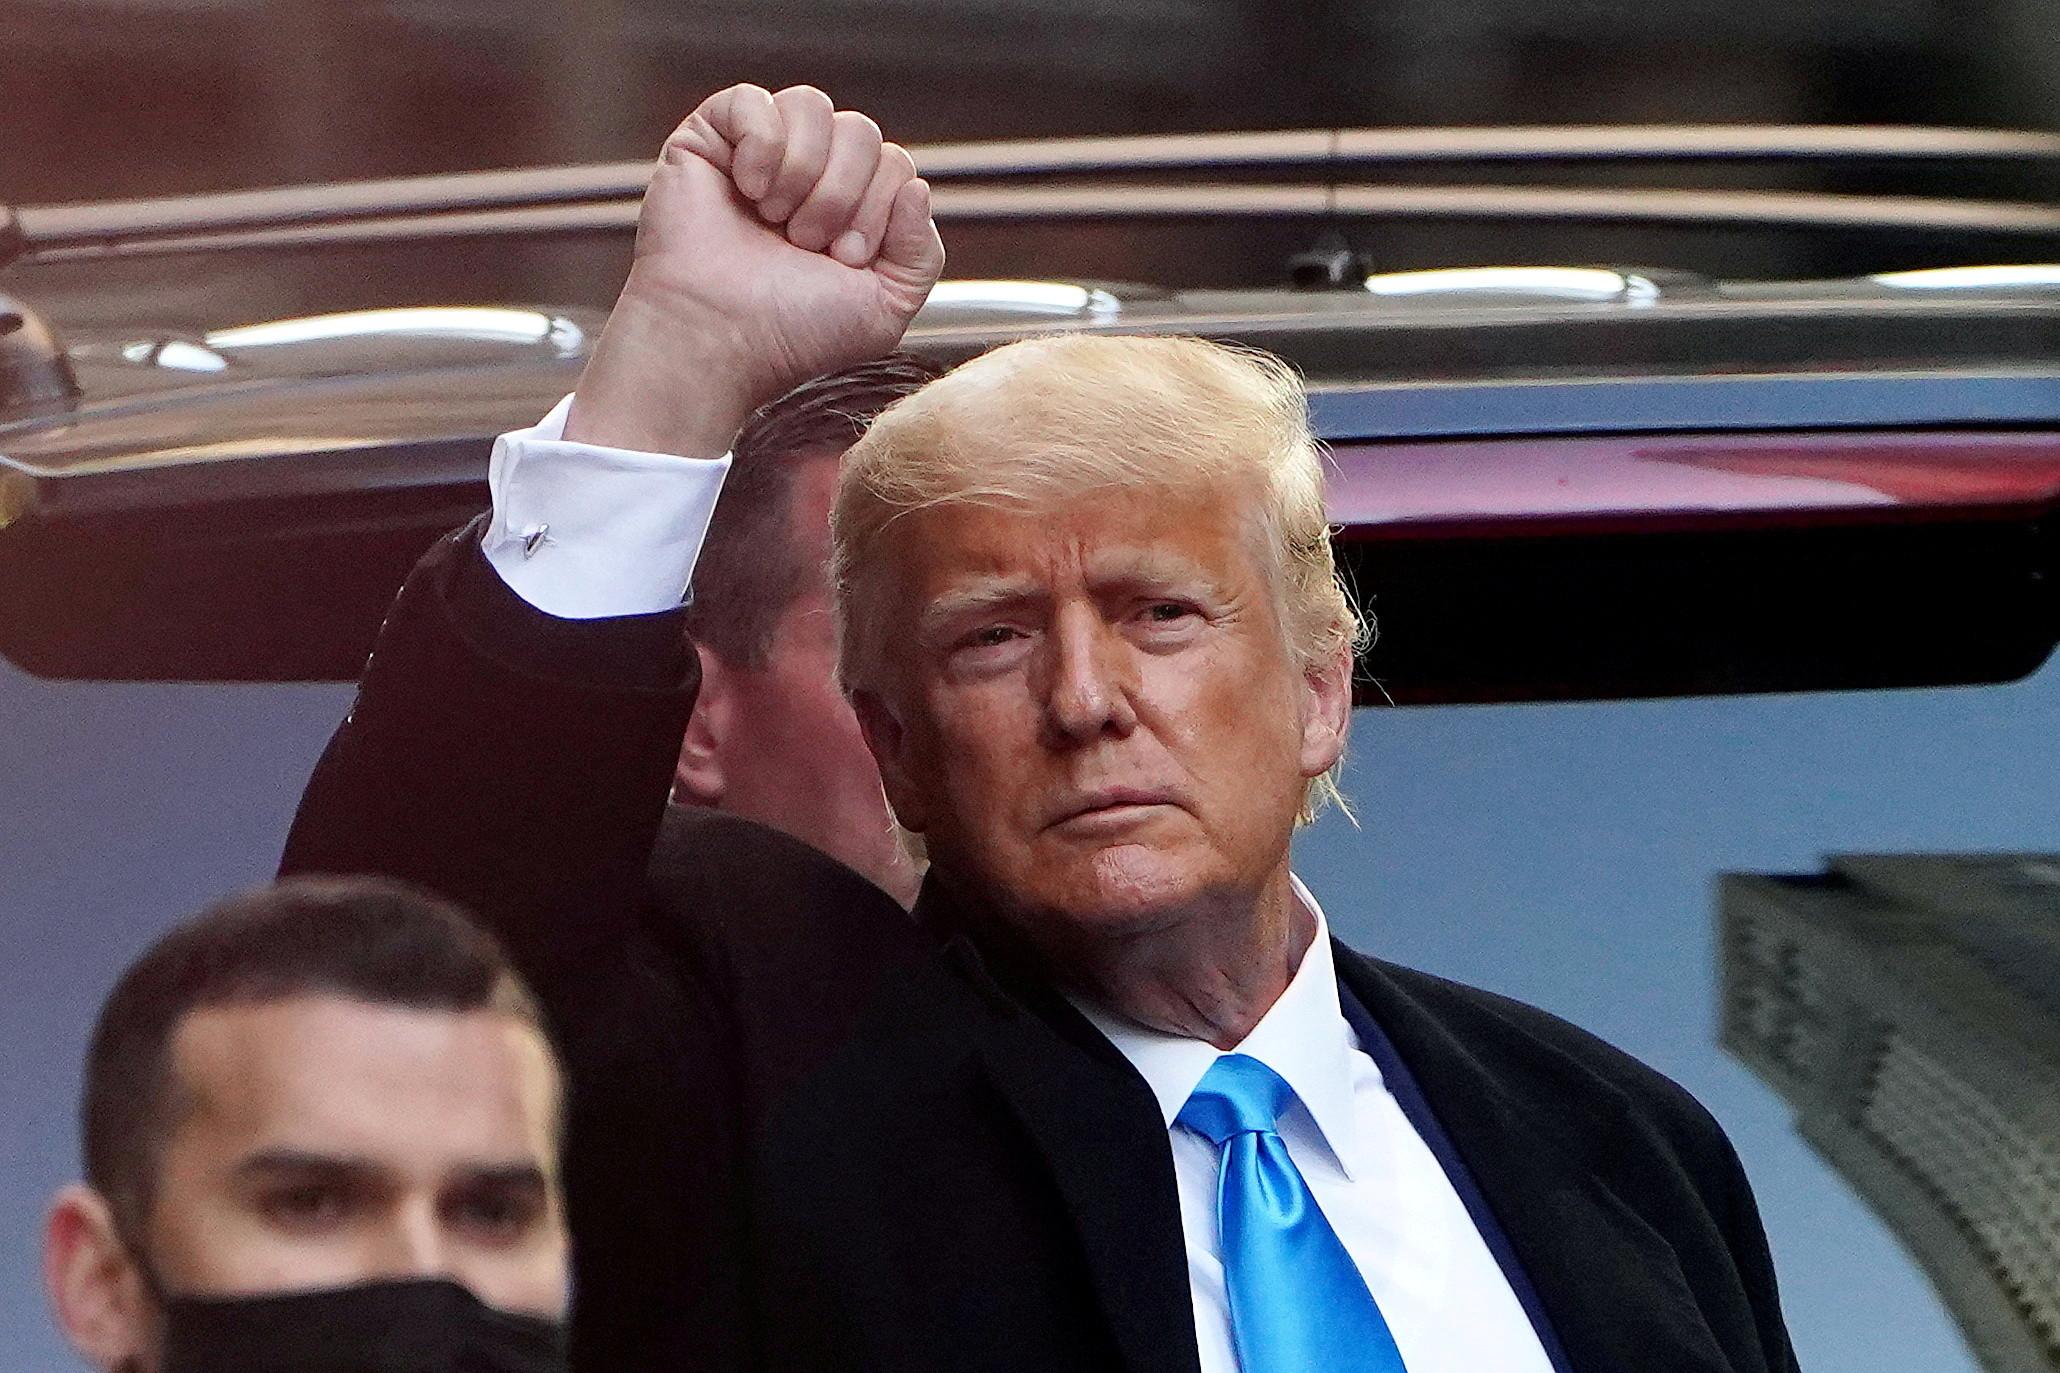 拜登,美國疫情,孤立主義,盟邦,敵國,伊朗,布林肯,普丁,阿富汗,民主黨,納唐亞胡